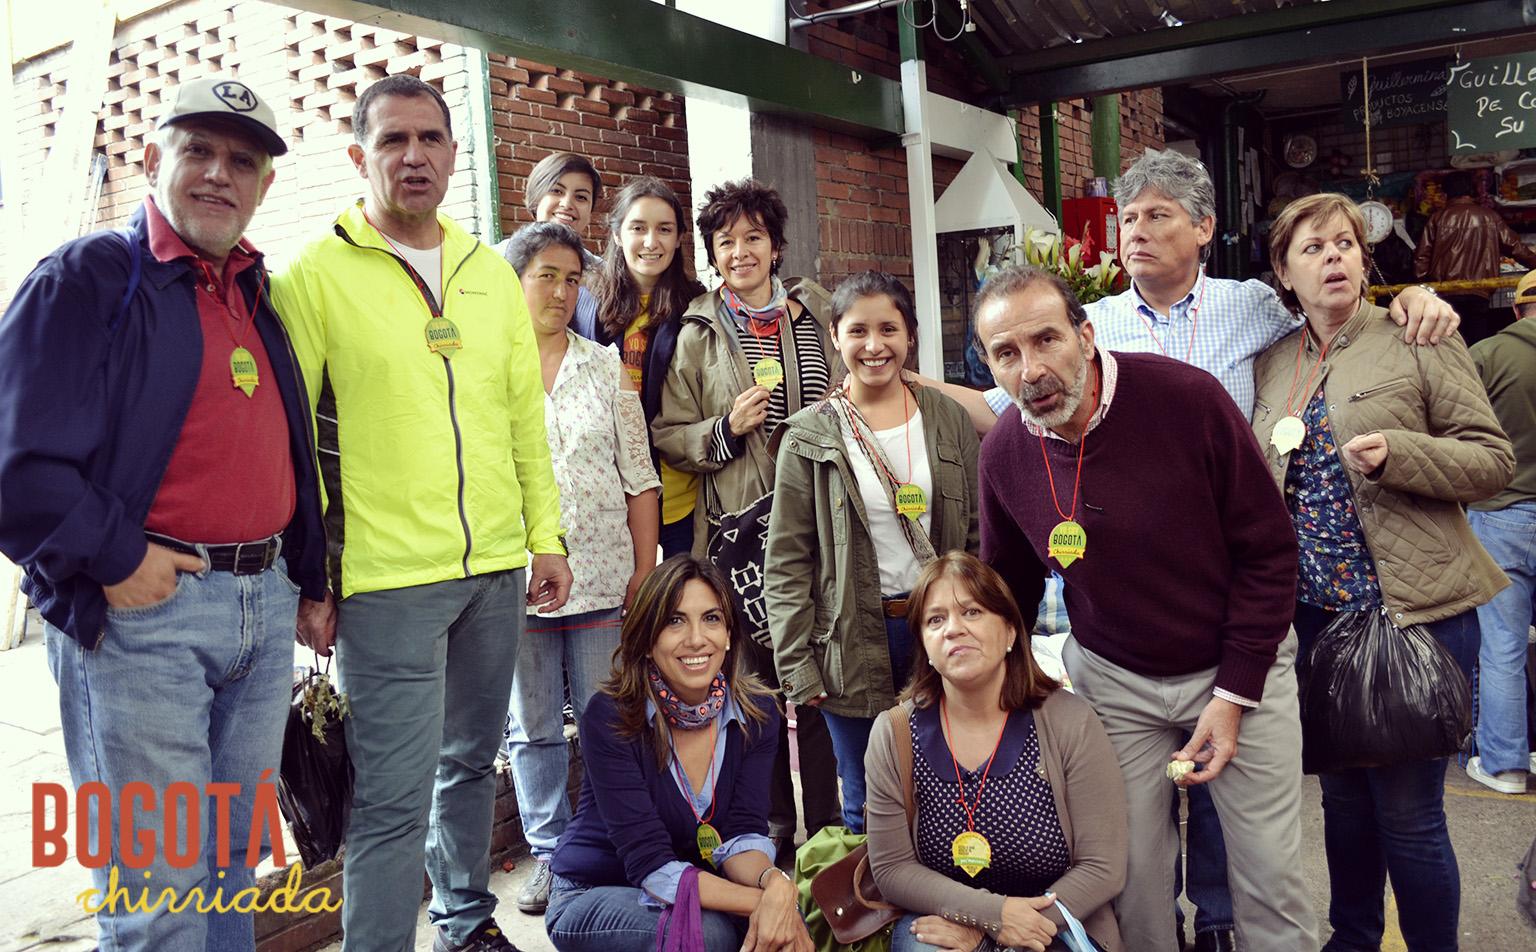 Turismo en la plaza de mercado del 20 de julio bogot for Jardines 20 de julio bogota